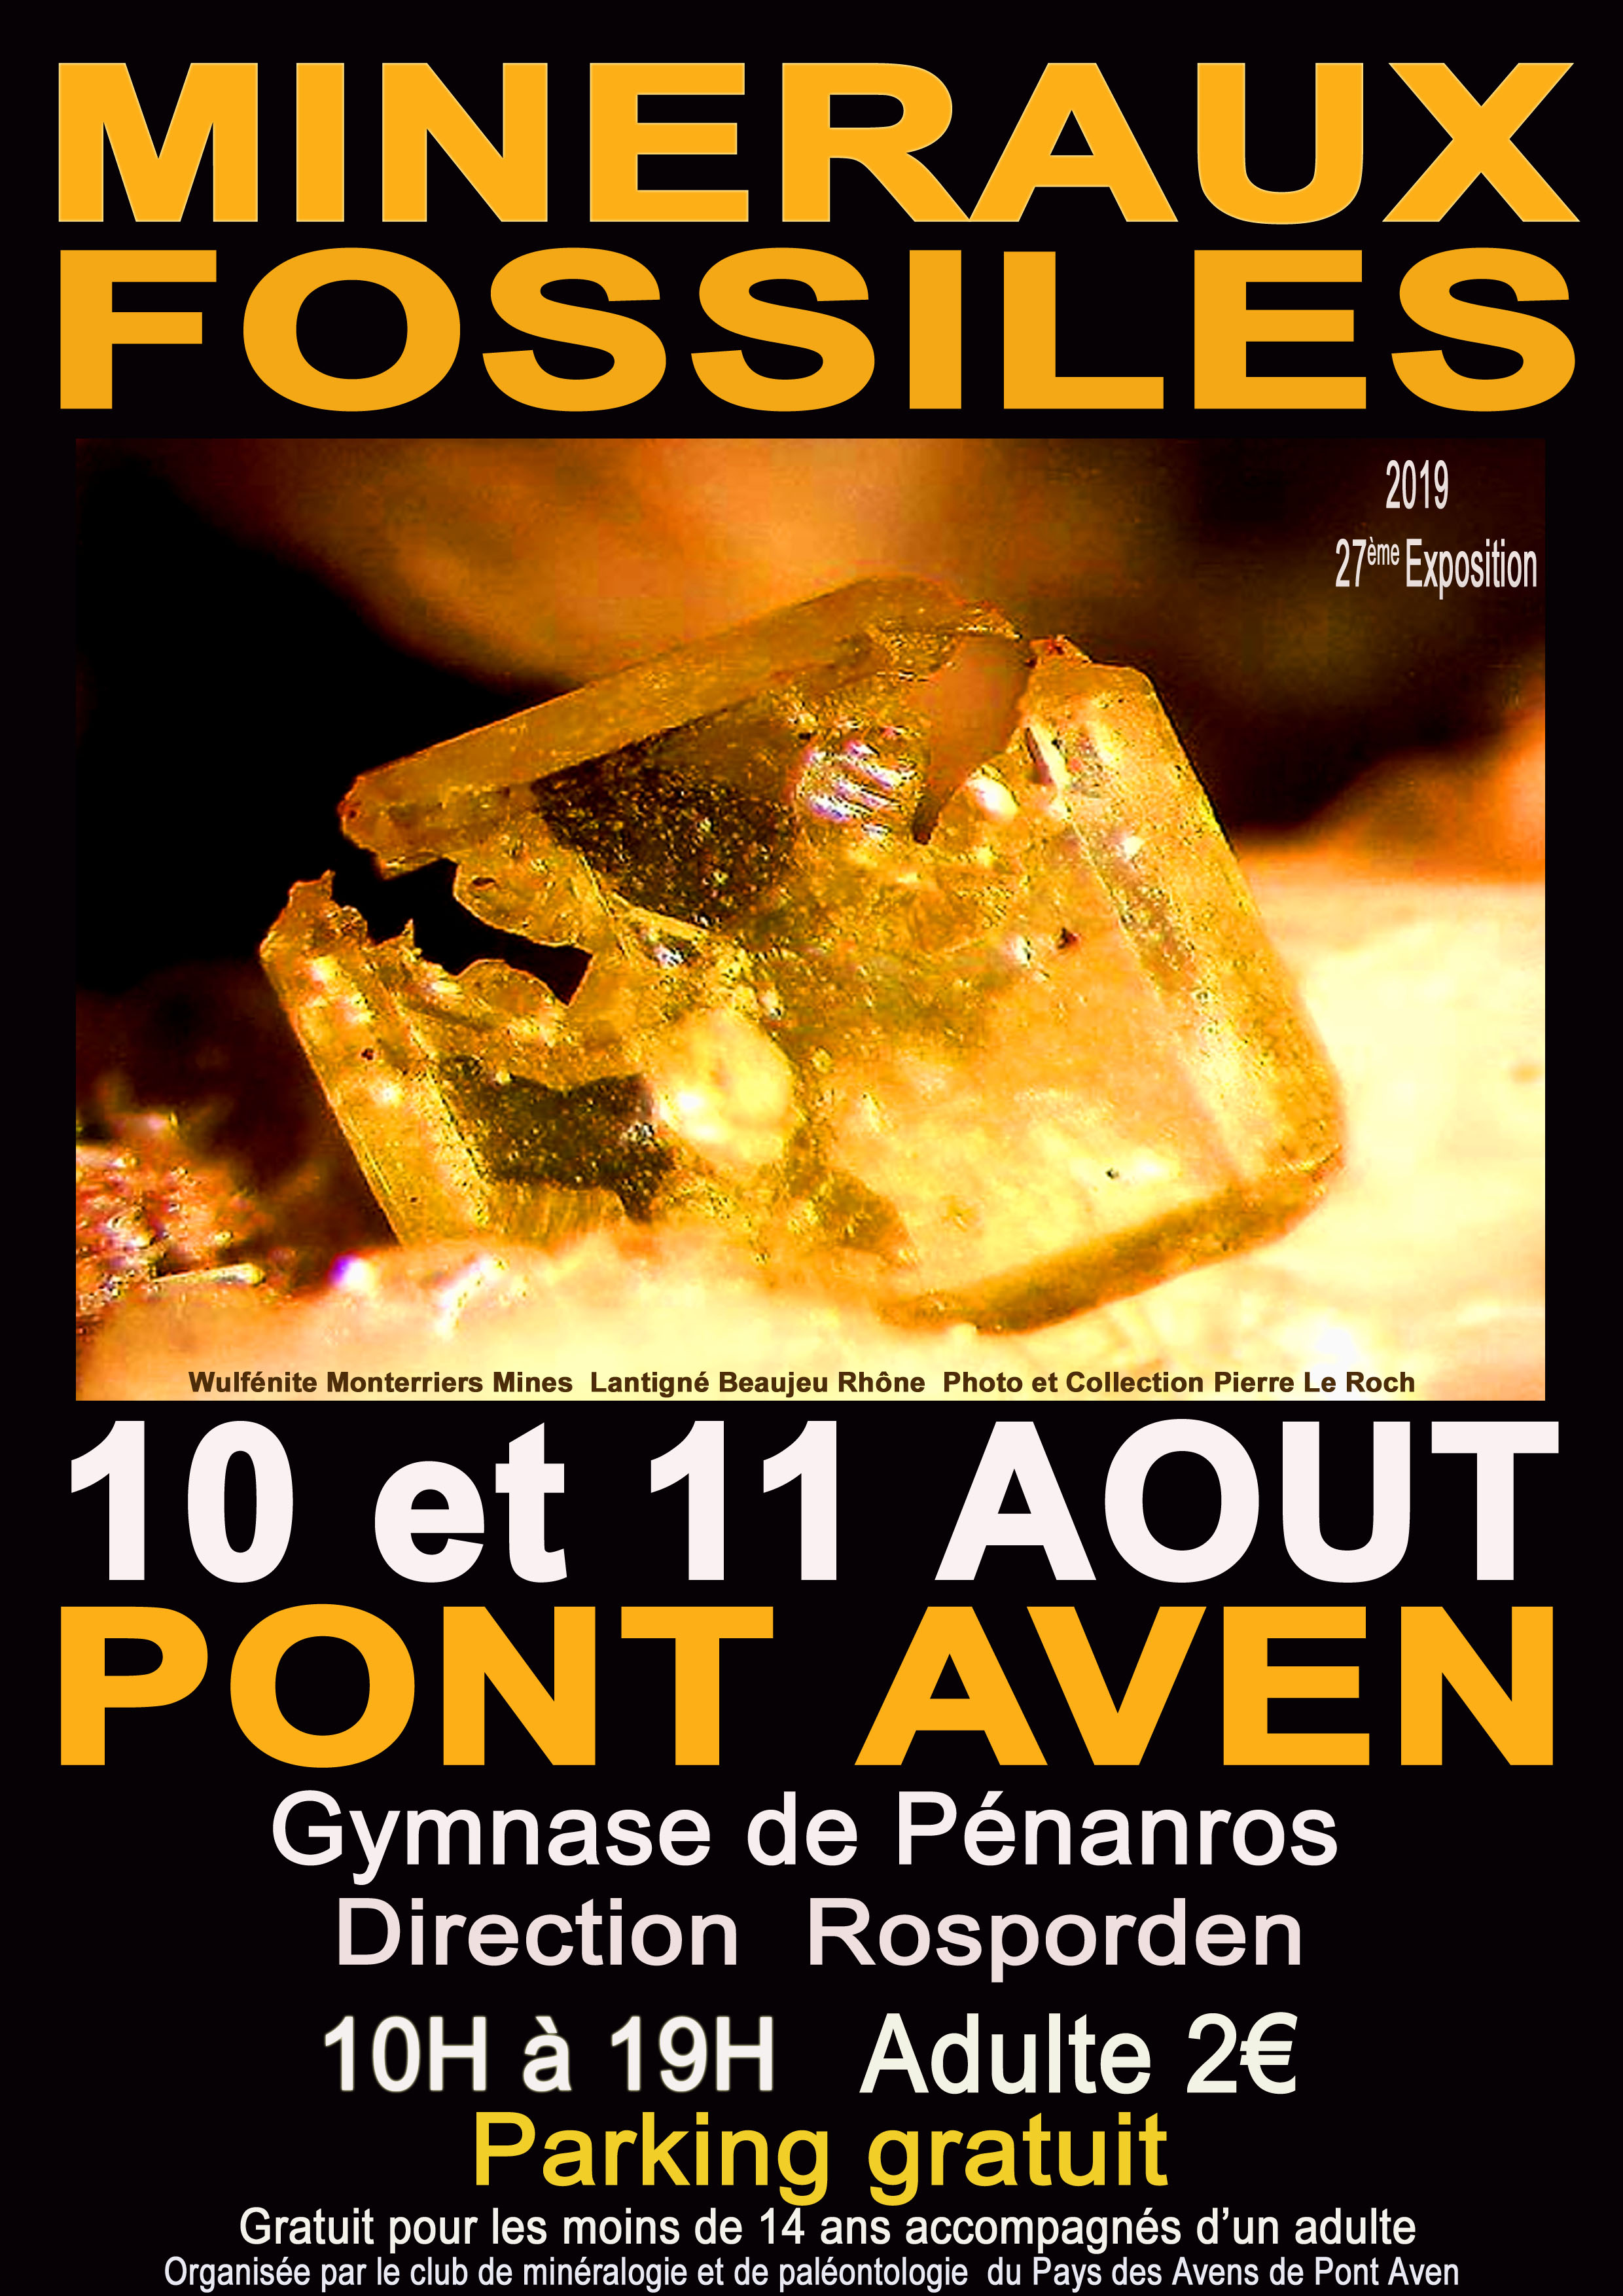 Exposition de fossiles et minéraux